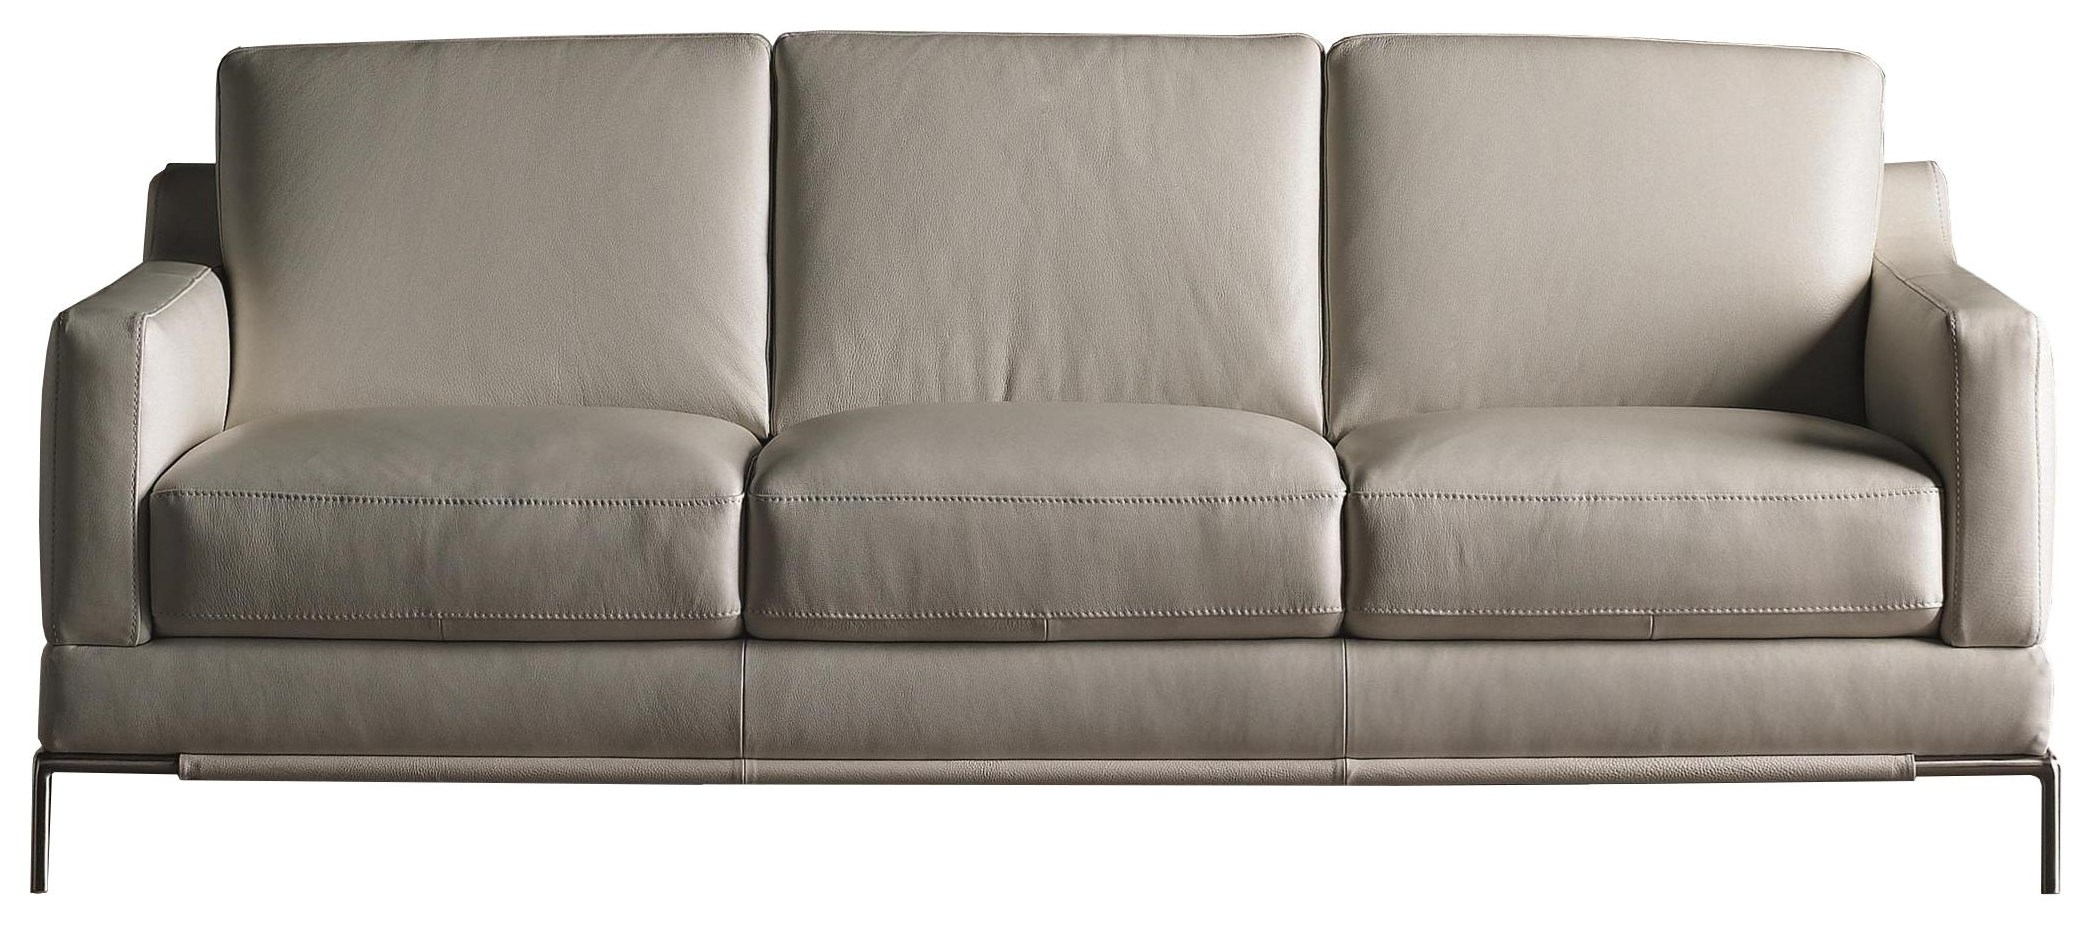 B754 Sofa by Natuzzi Editions at Williams & Kay